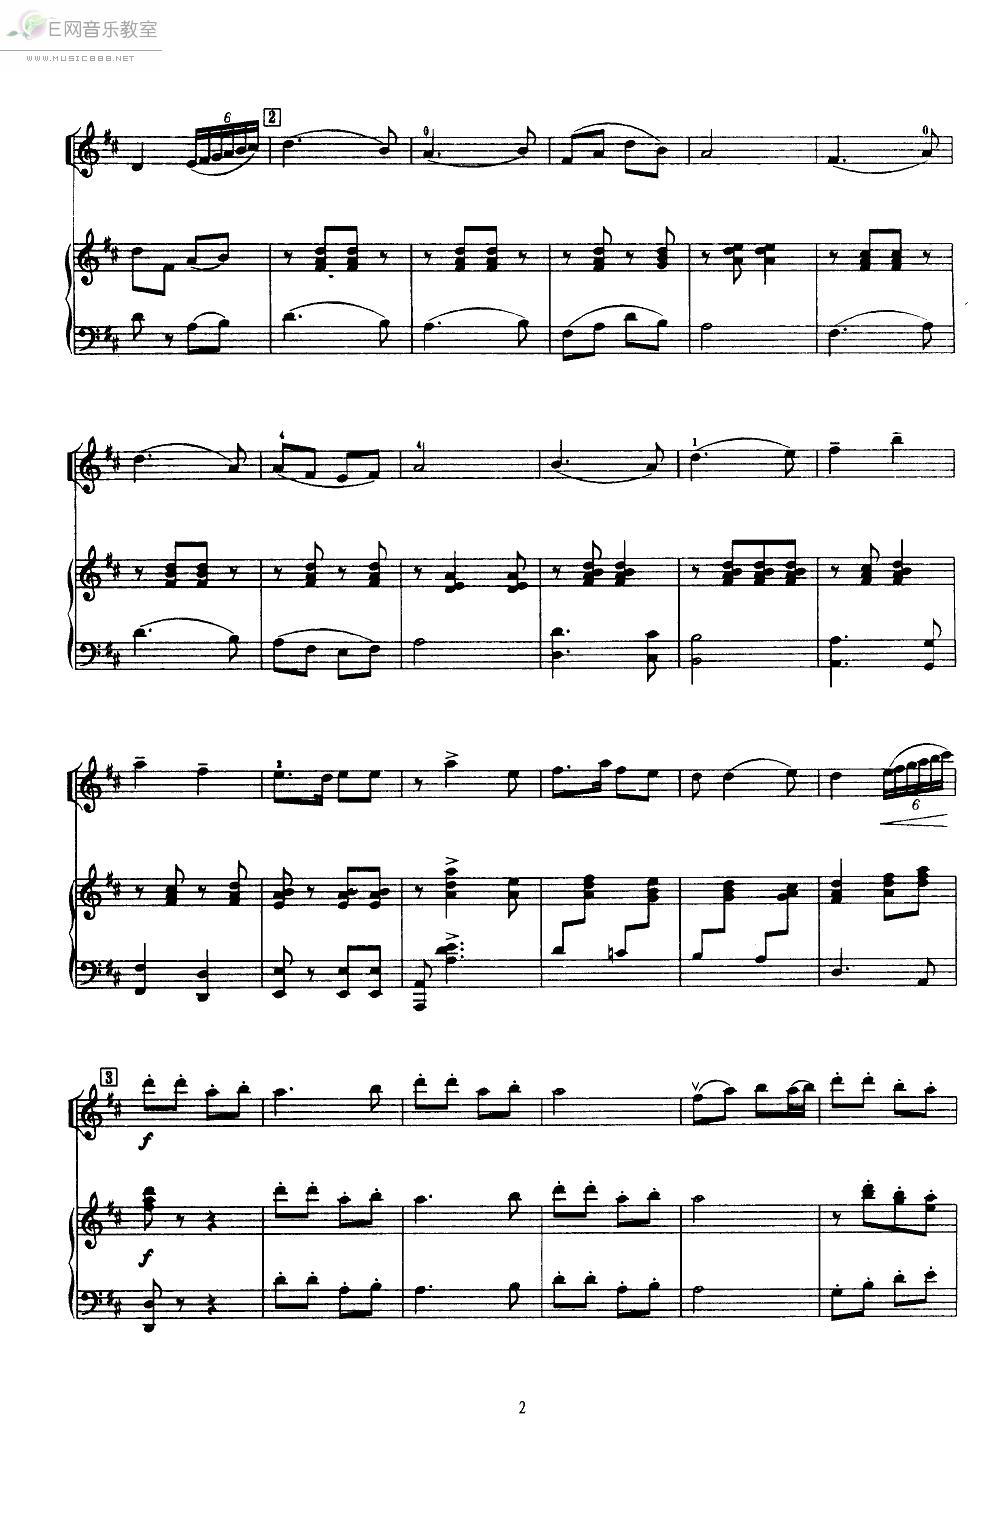 四季歌 小提琴谱 配钢琴伴奏